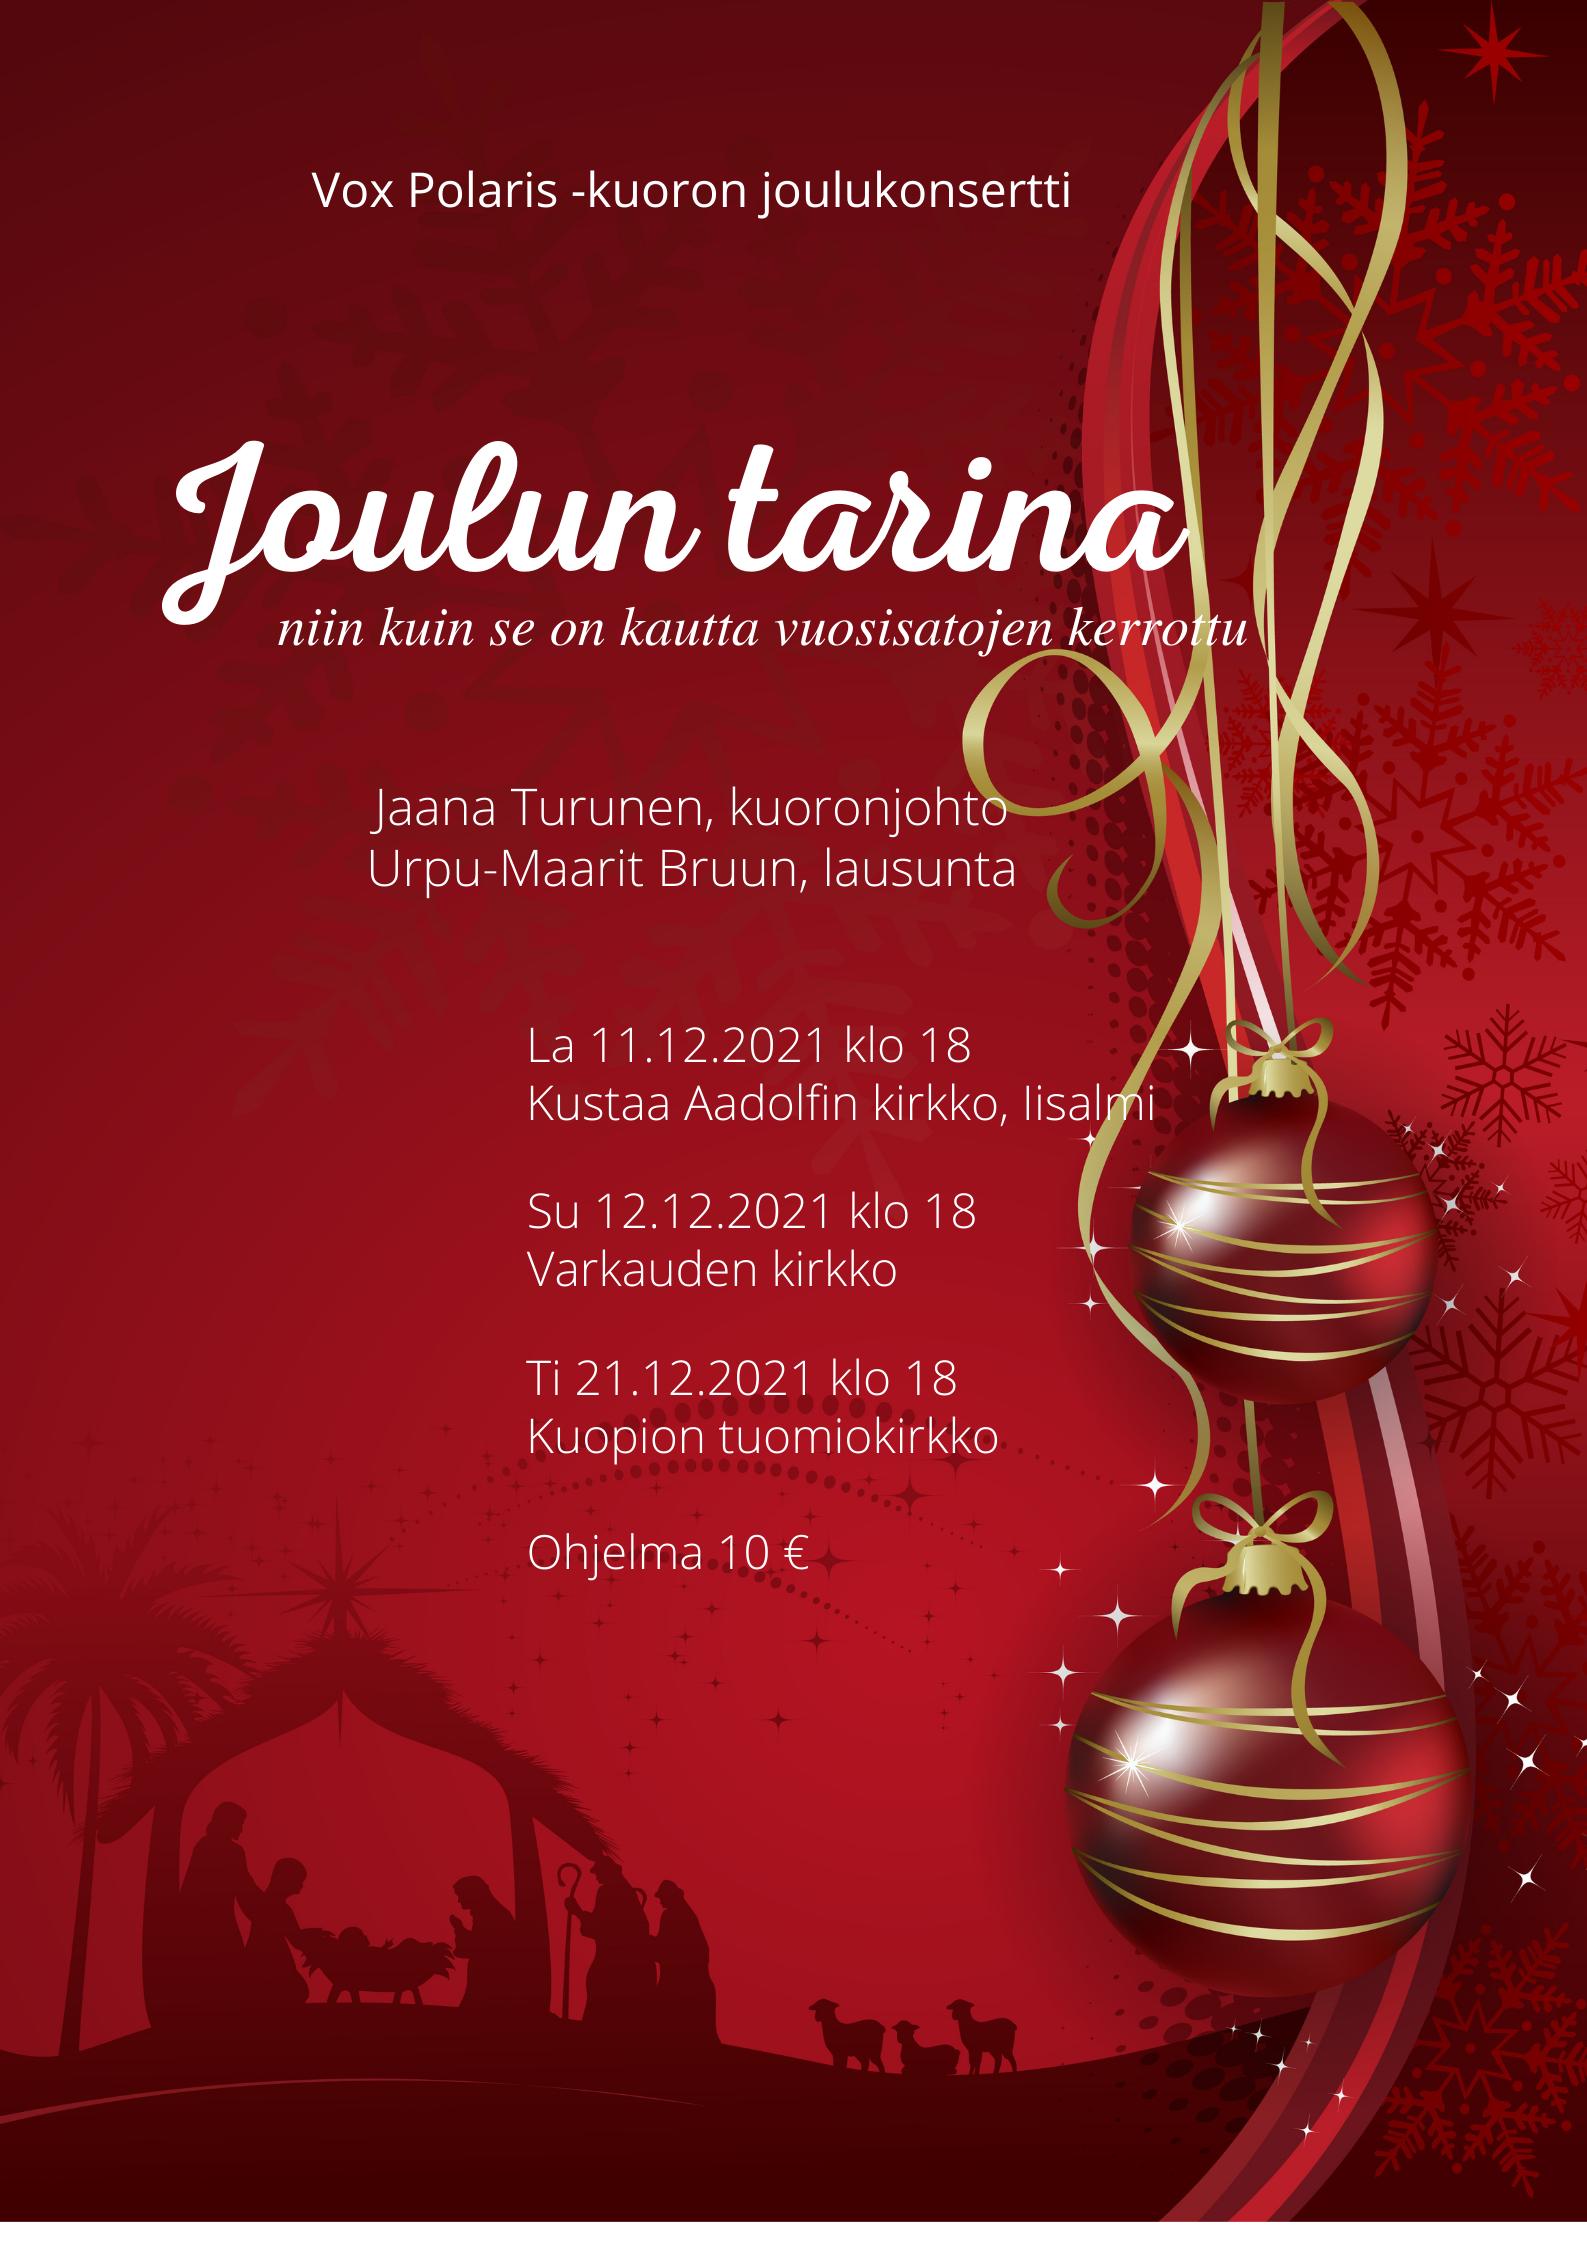 Joulun_tarina_A3